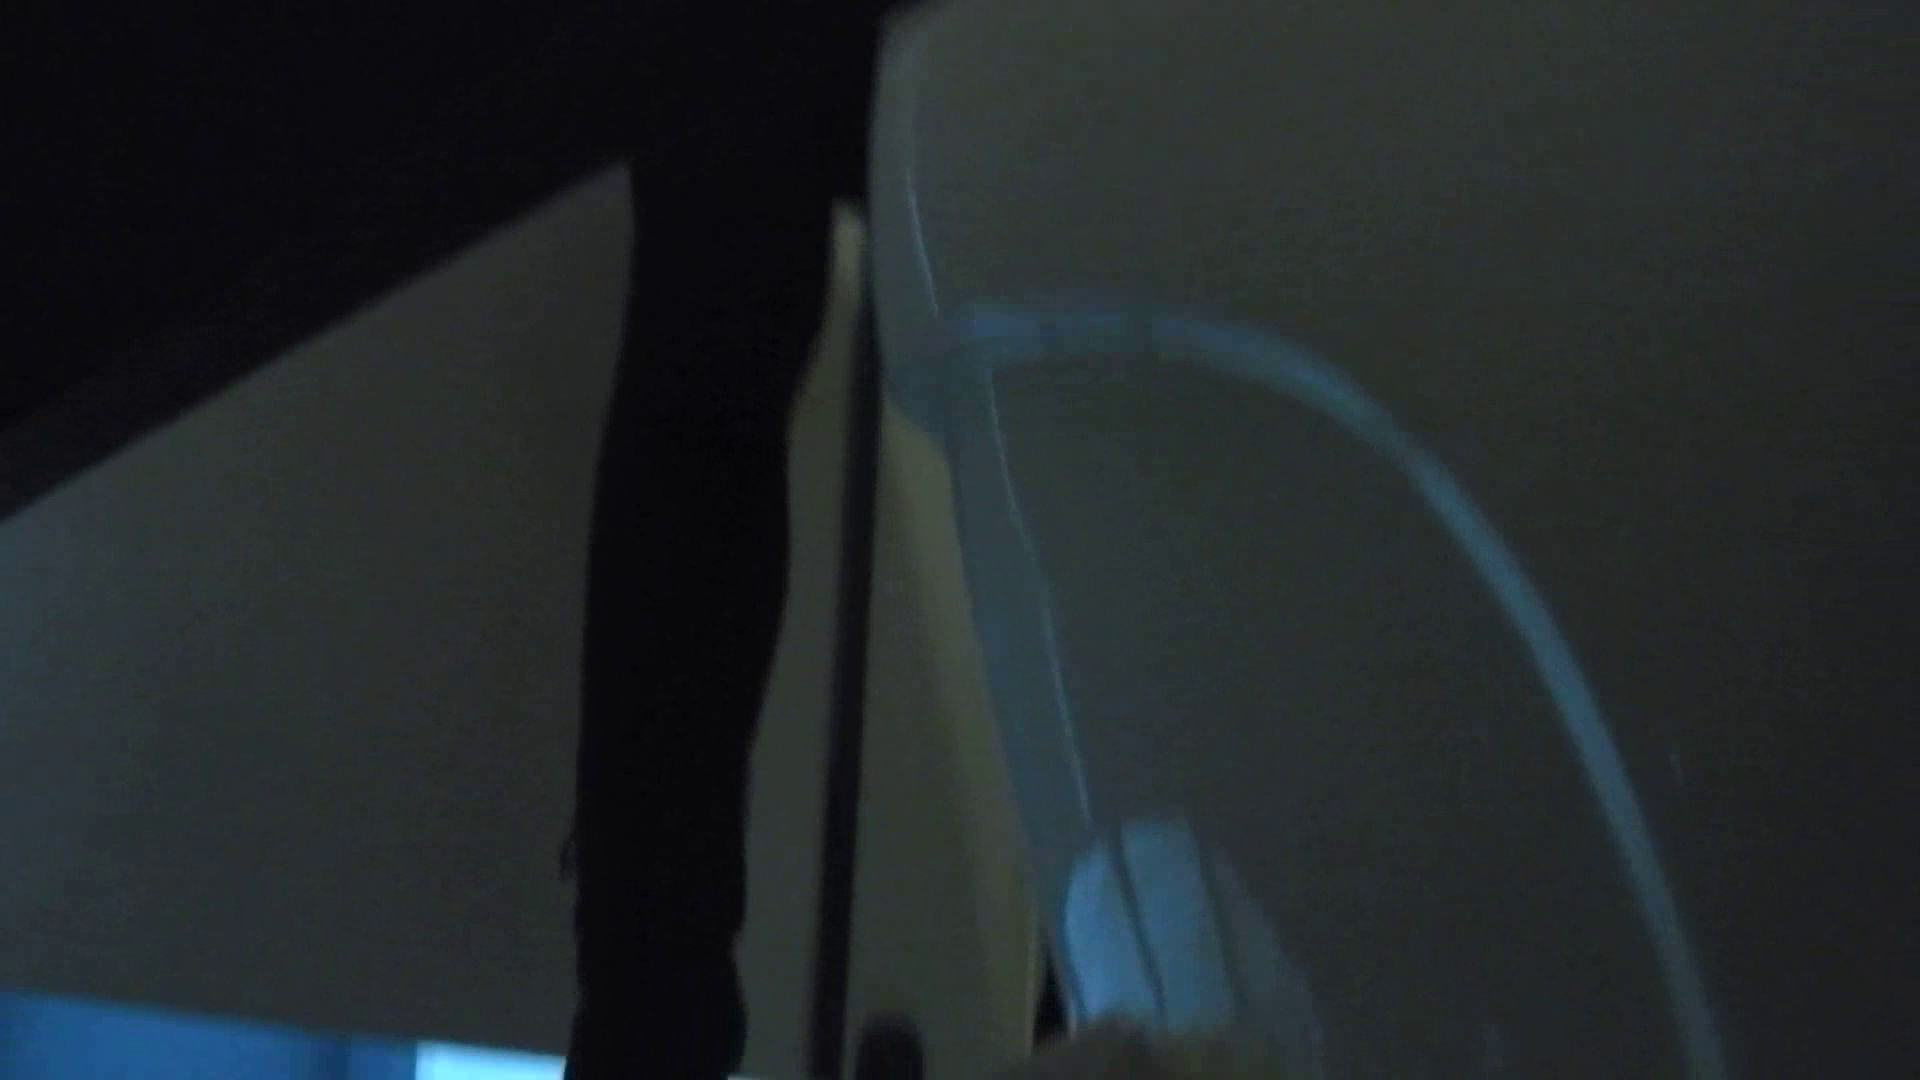 世界の射窓から vol.35 女厕偷拍, 美罗城 南宁国贸 洗面所のぞき オメコ動画キャプチャ 78枚 19